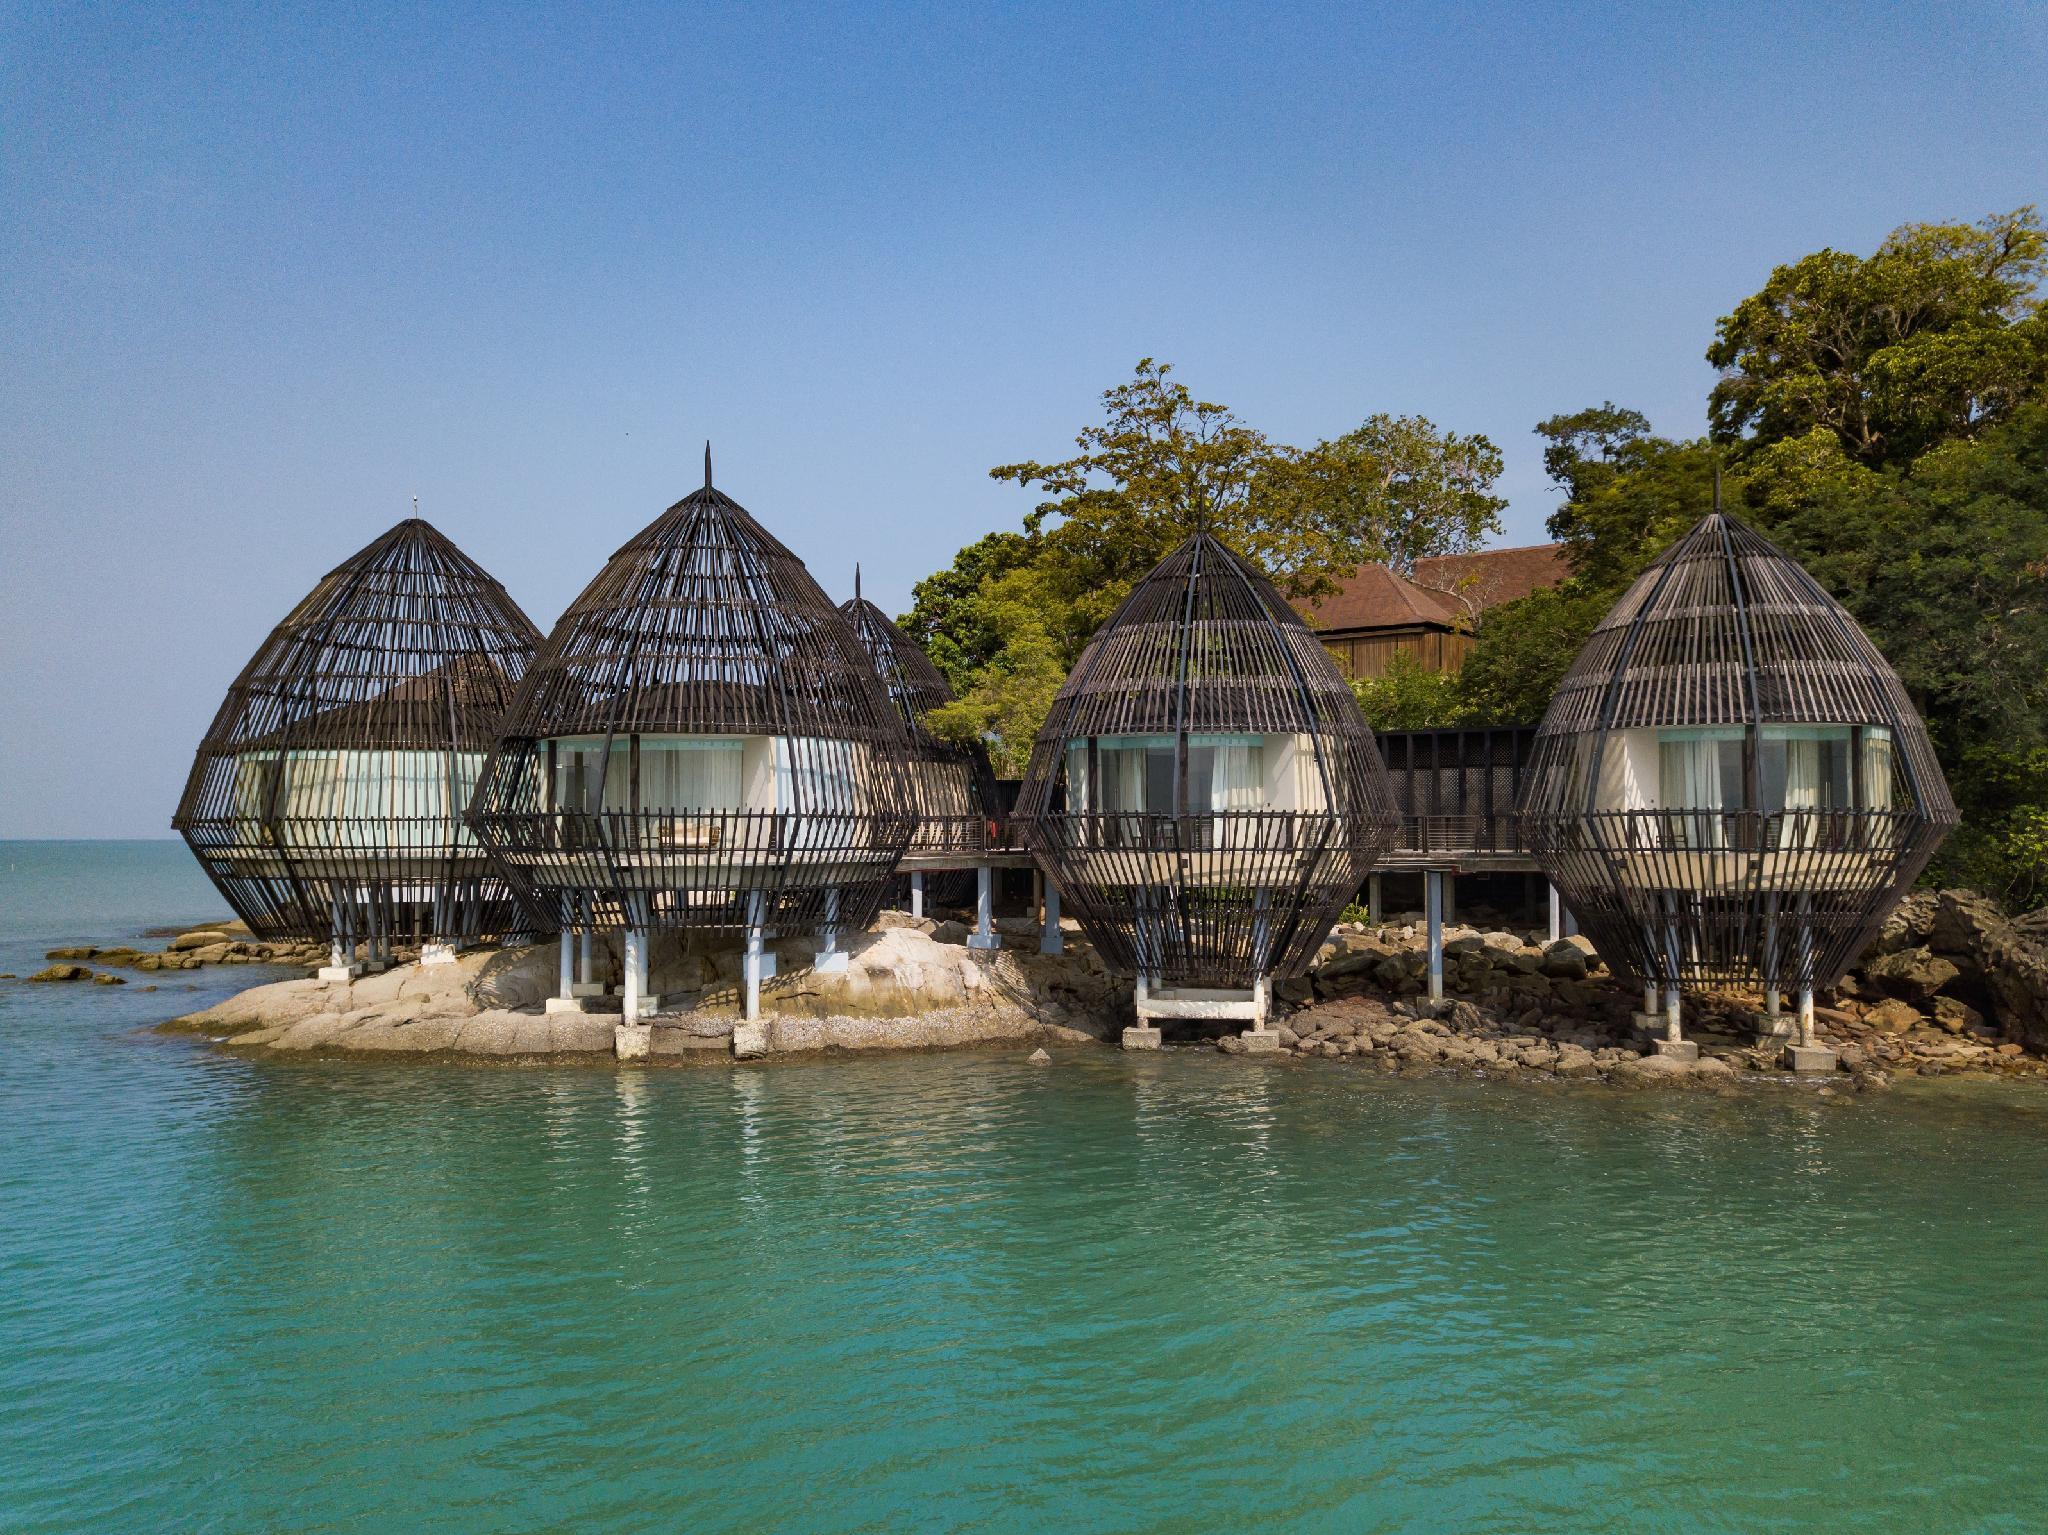 The Ritz-Carlton Langkawi, Langkawi